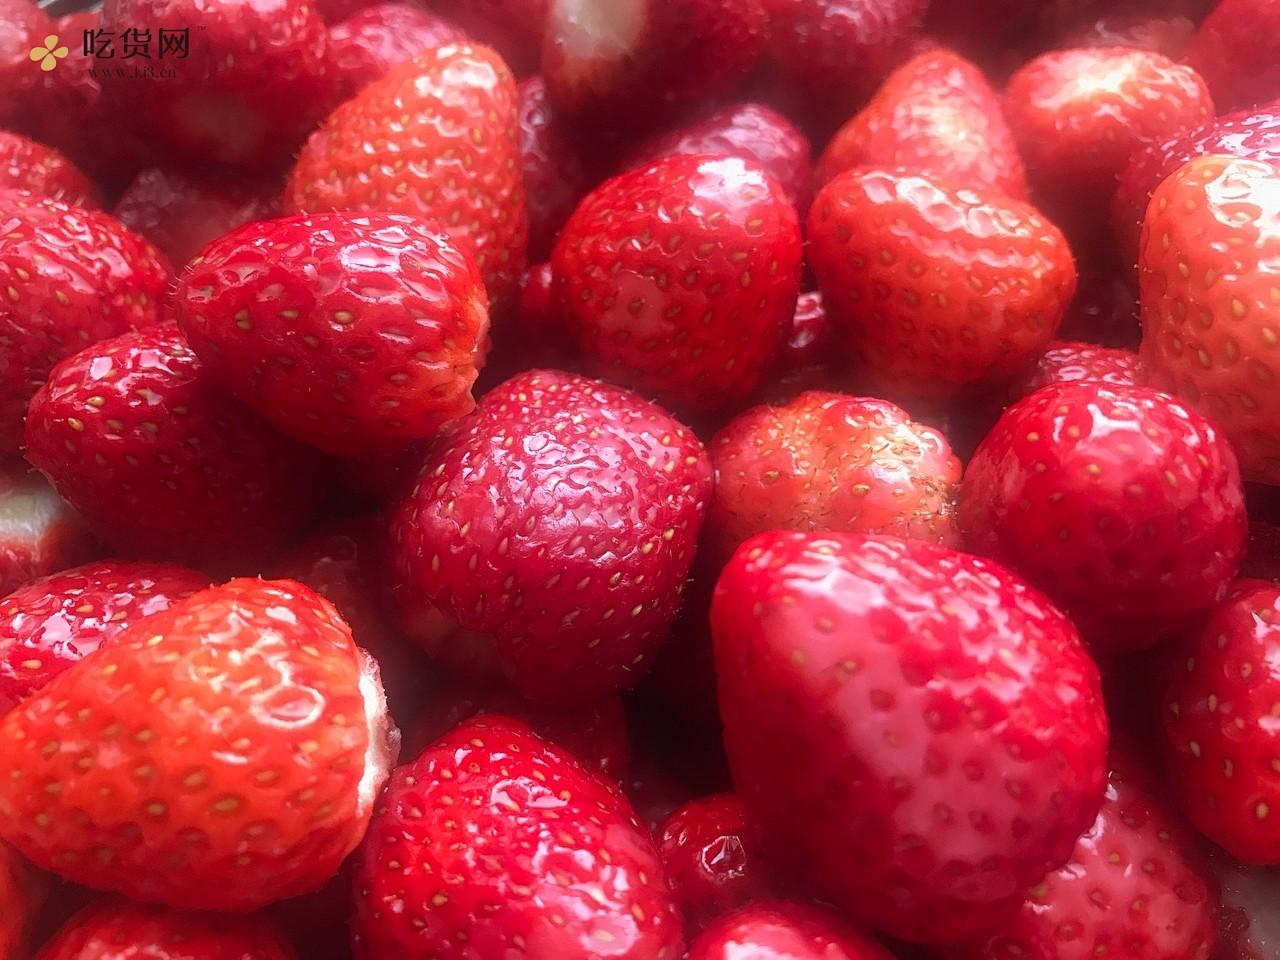 内含整颗🍓的自制草莓酱,吊打进口巨贵产品的做法 步骤2